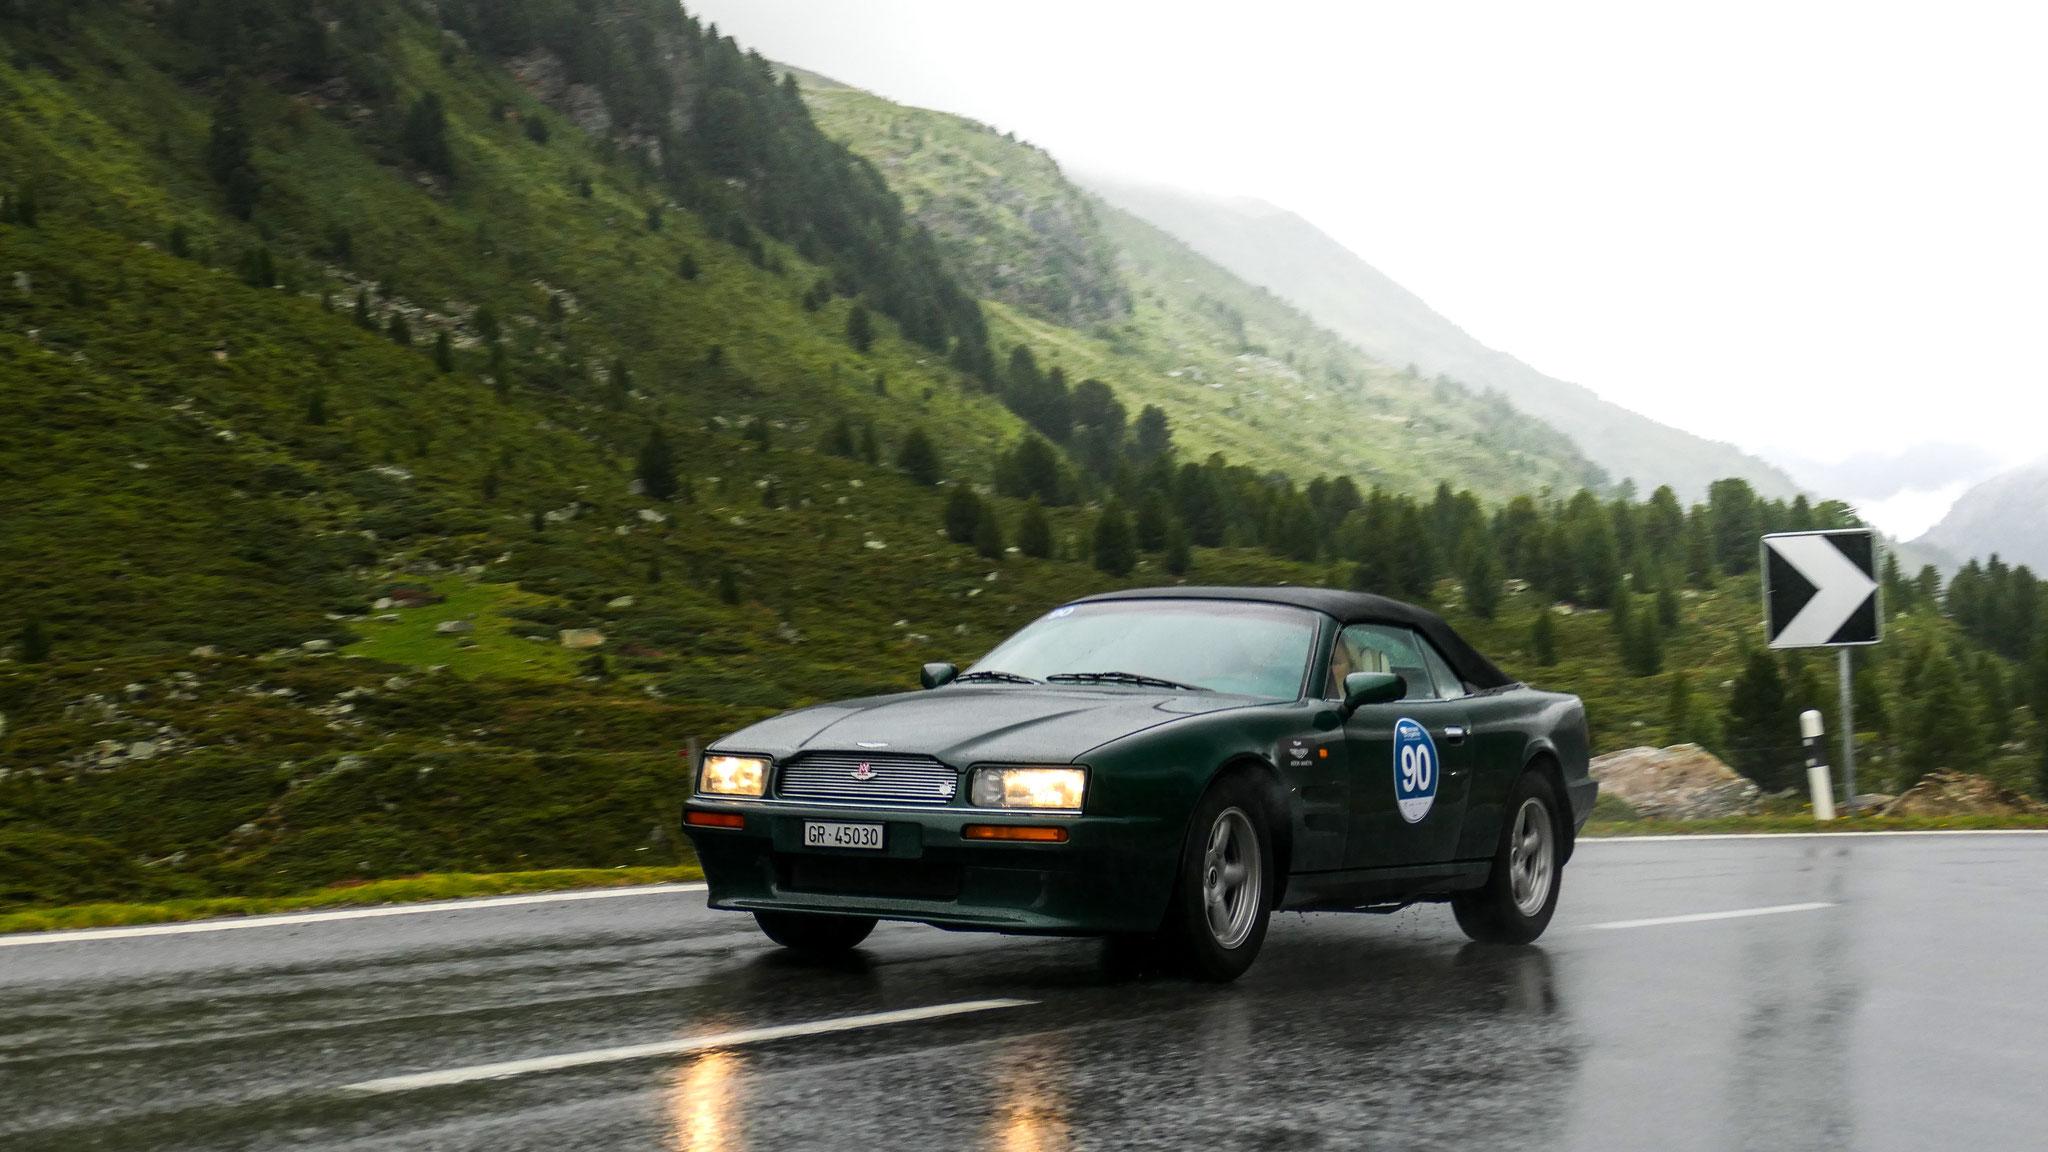 Aston Martin Virage - GR-45030 (CH)